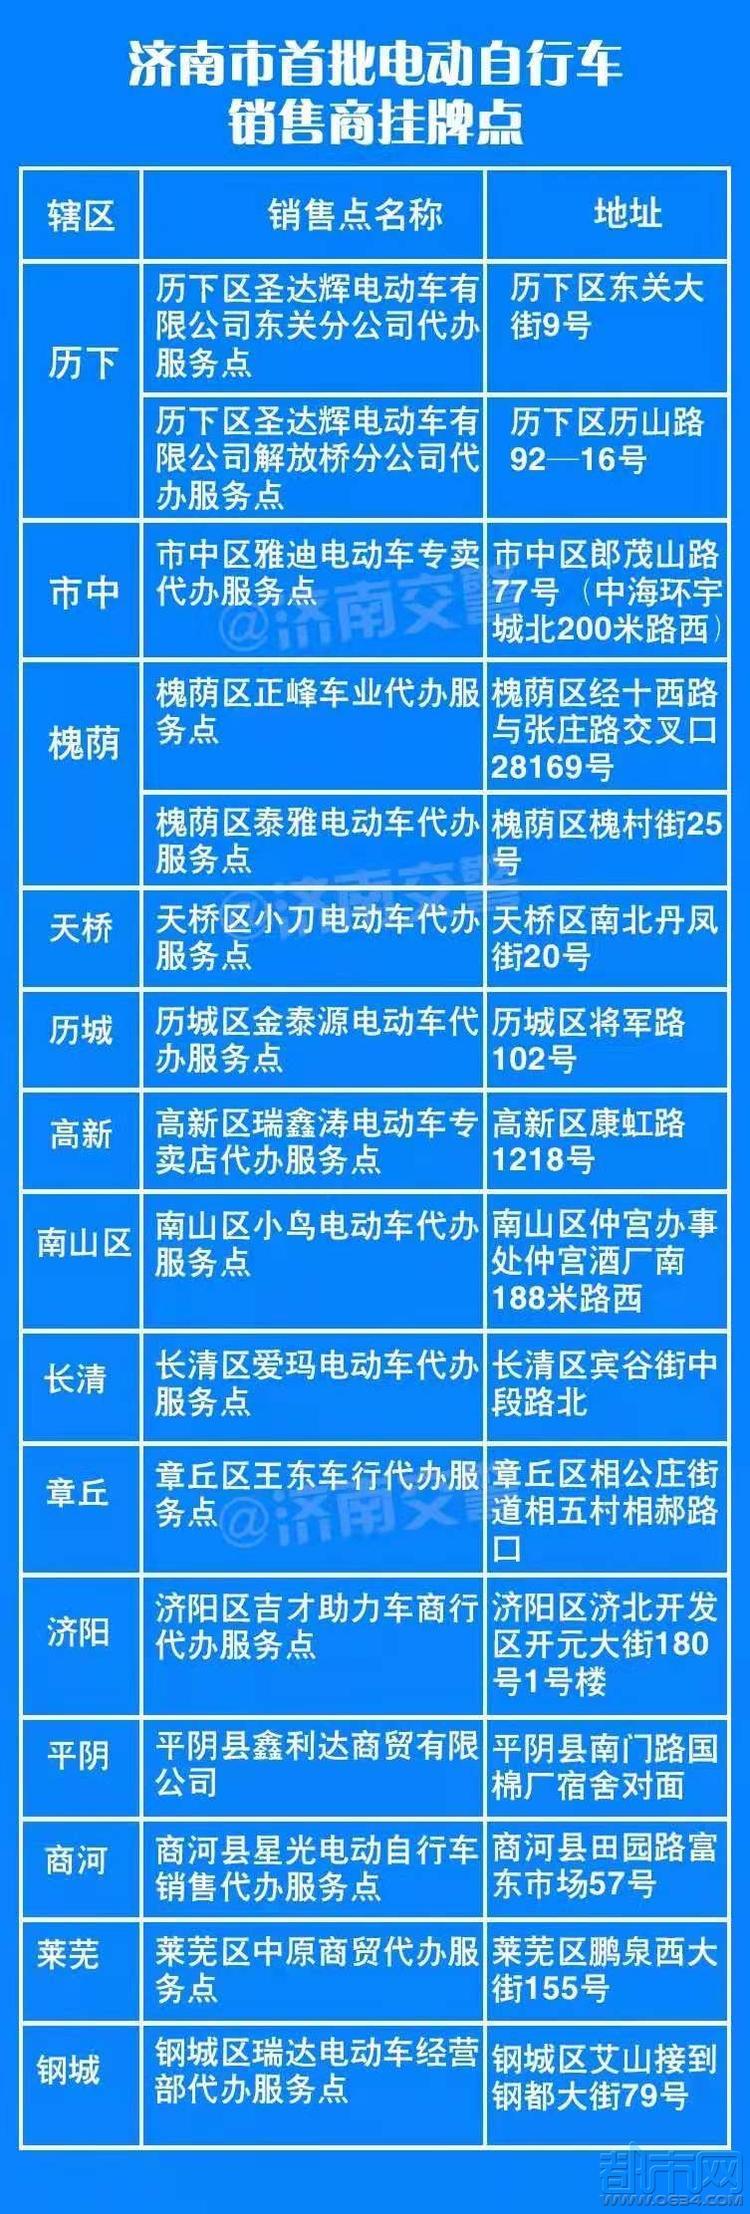 济南又新增34家电动车带牌销售点,快来看看离你家近吗?